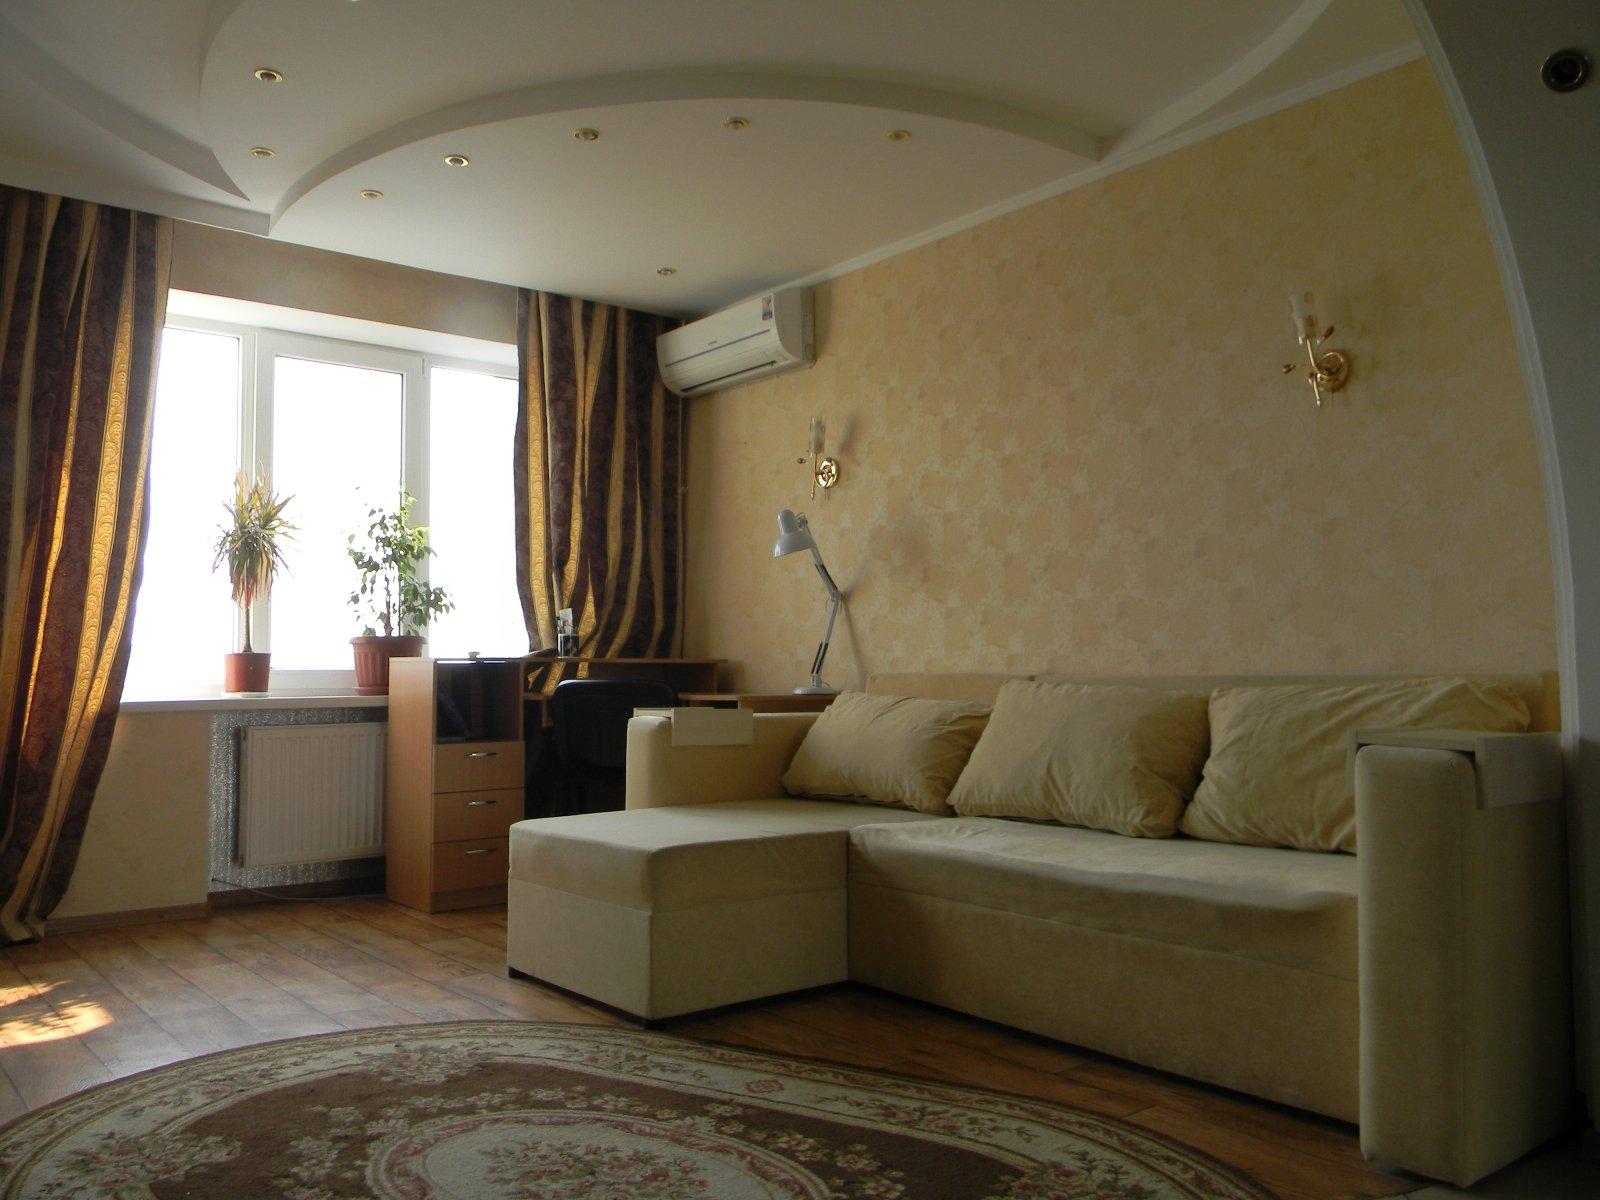 Как недорого сделать в гостиной ремонт